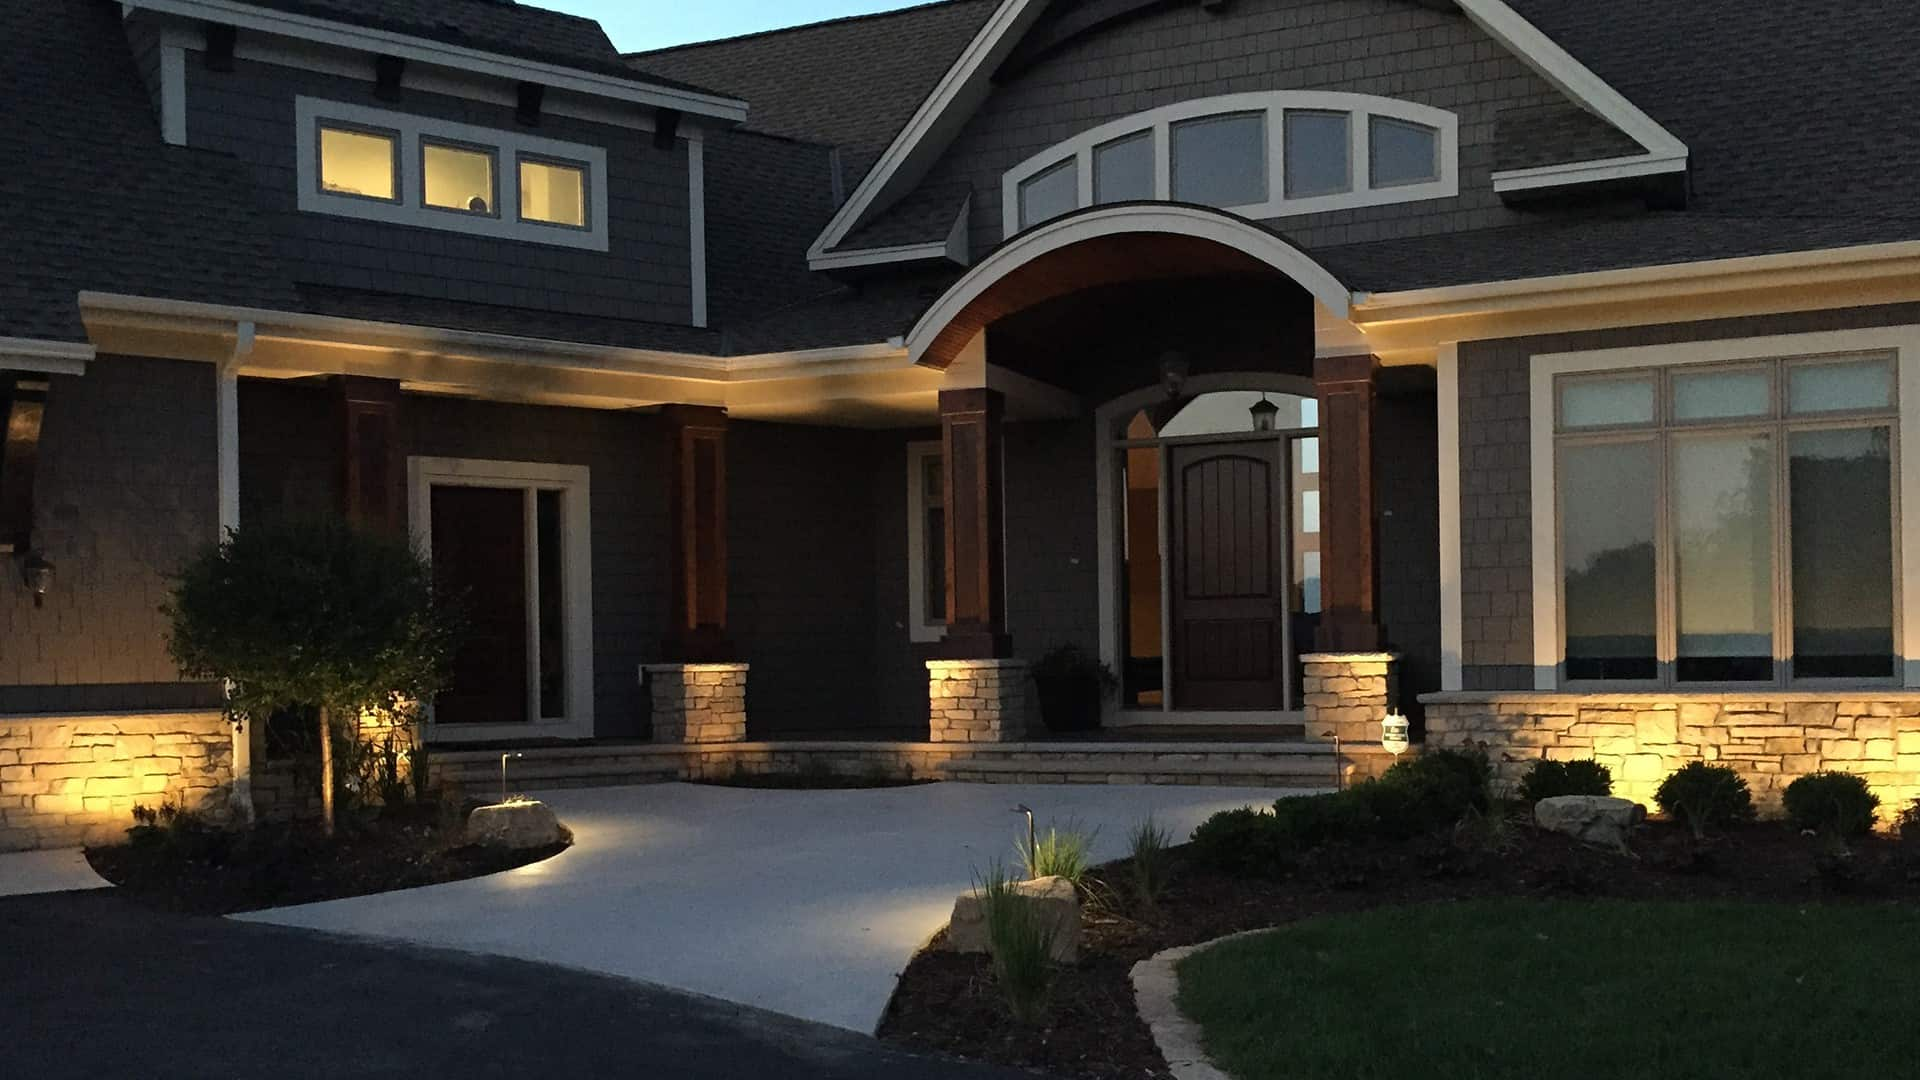 Commercial Residential Landscape Lighting Touchstone Lights